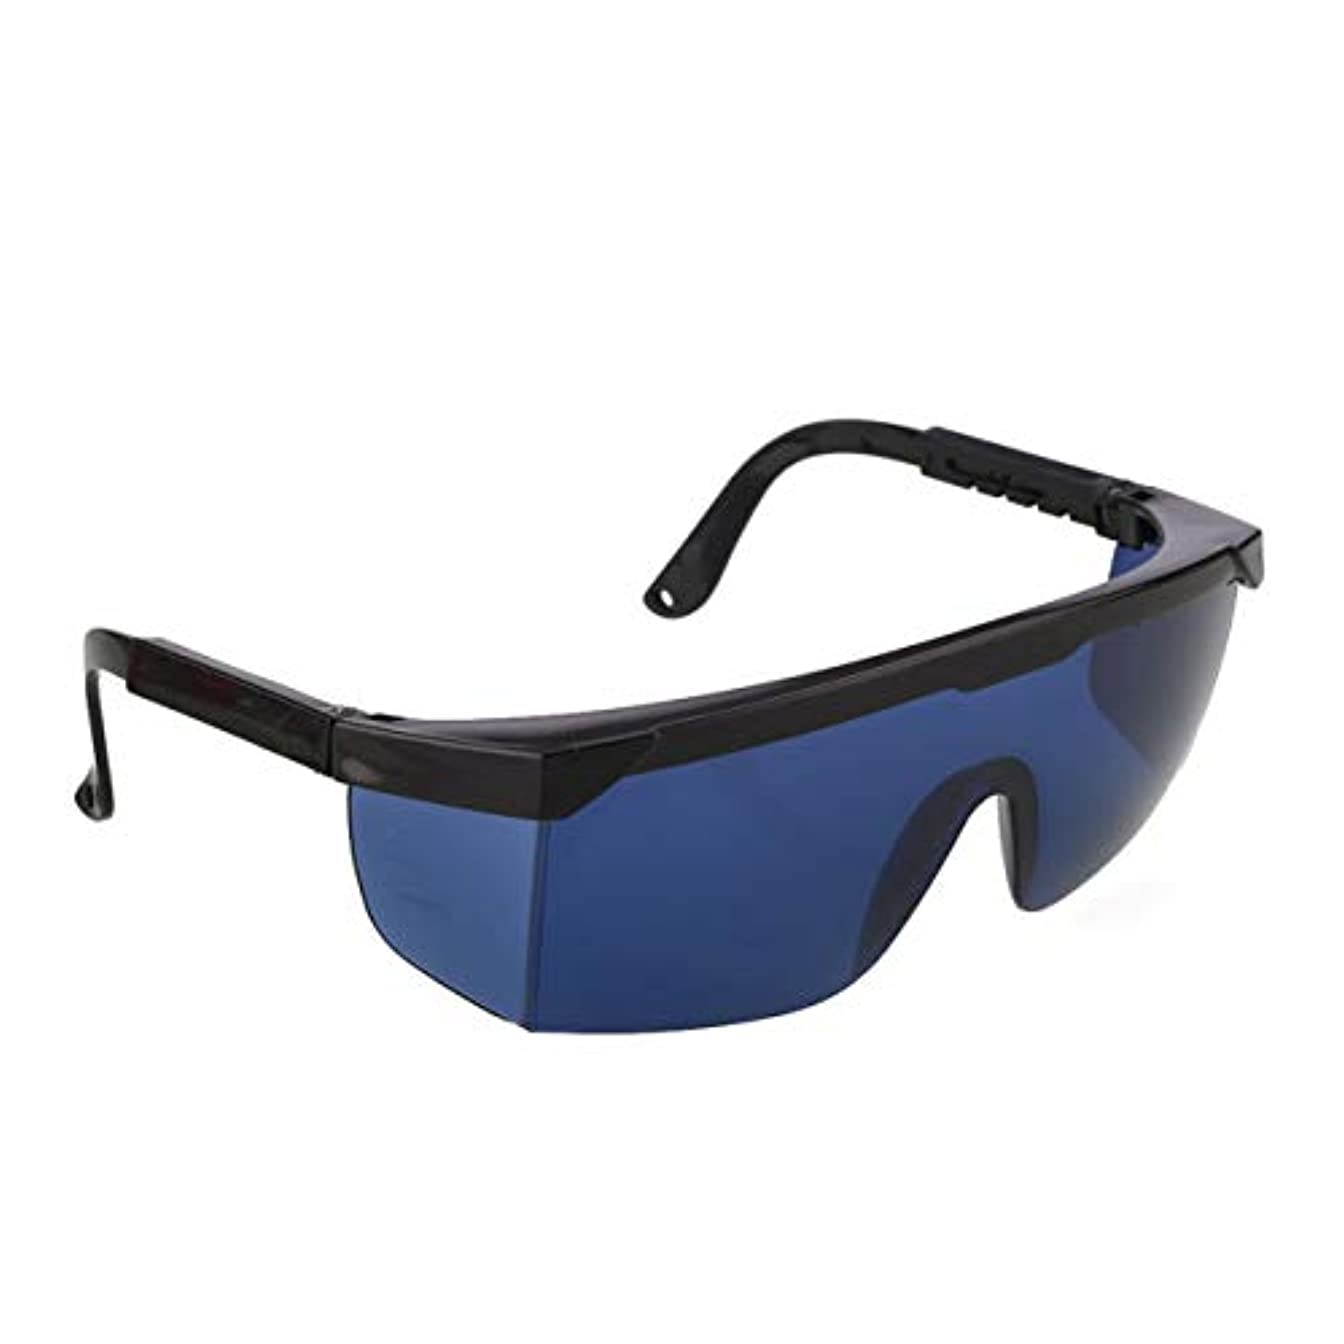 国旗どんよりした主権者Saikogoods 除毛クリーム ポイント脱毛保護メガネユニバーサルゴーグル眼鏡を凍結IPL/E-光OPTのためのレーザー保護メガネ 青